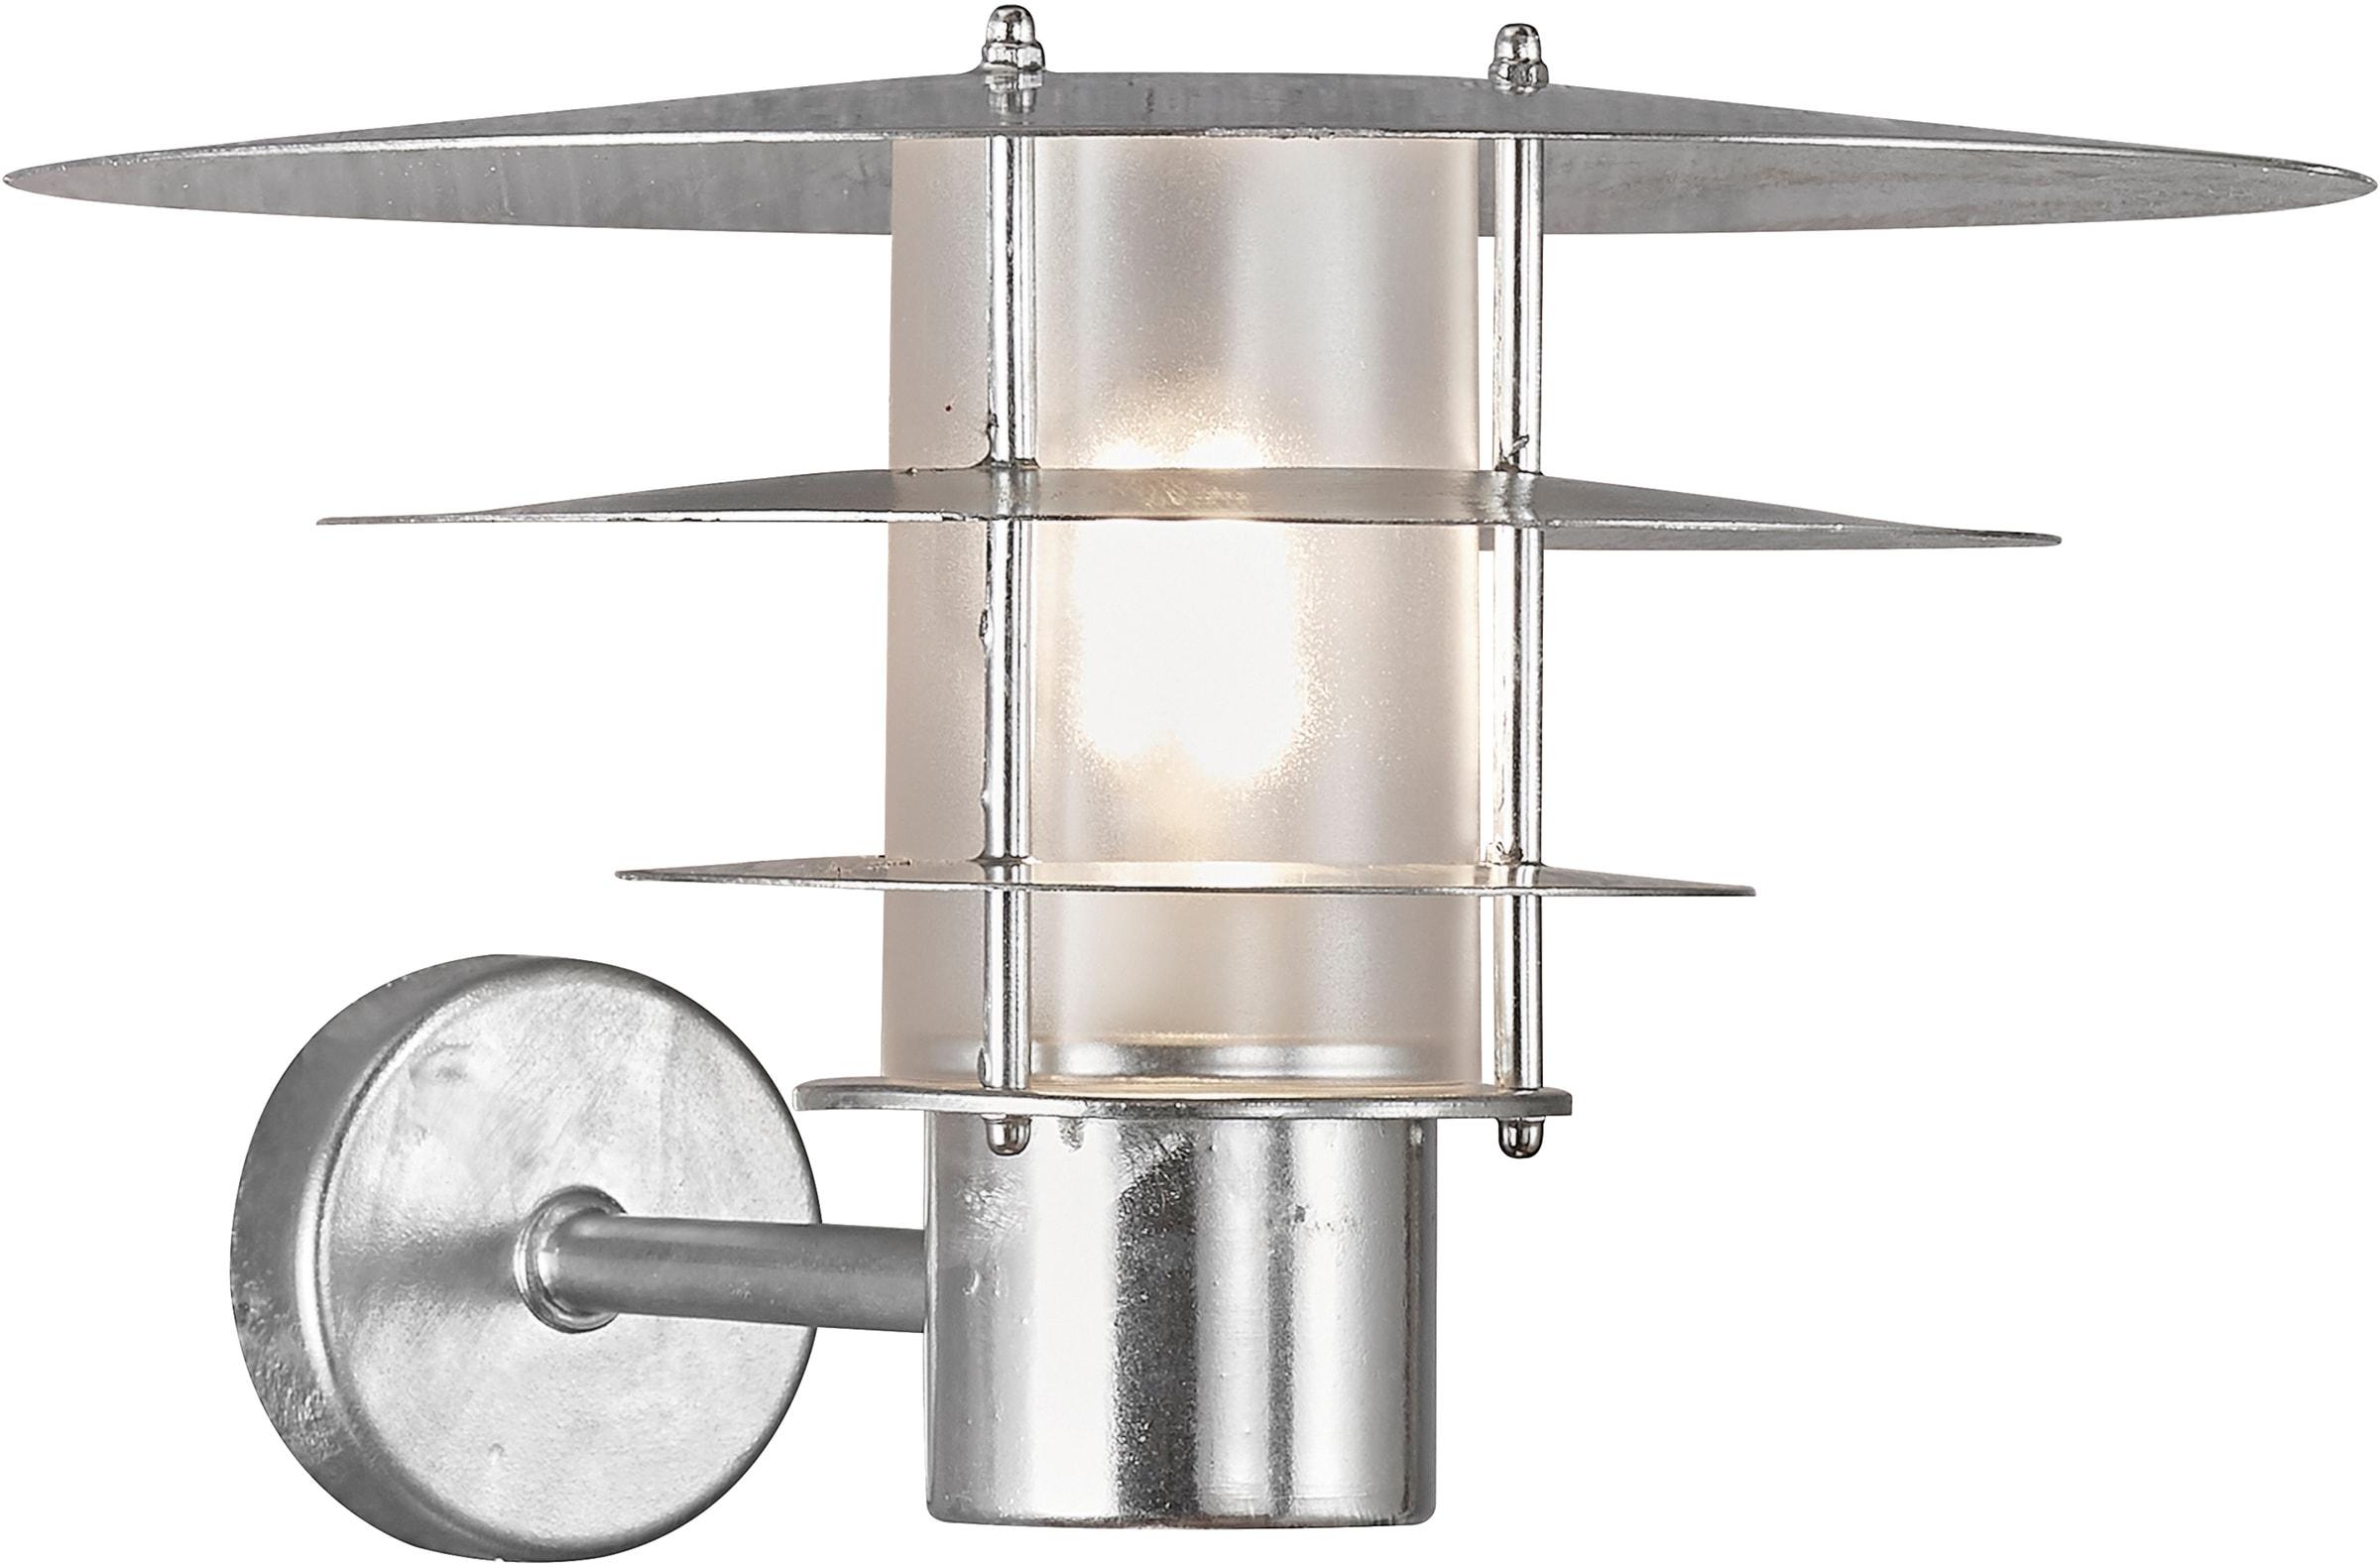 Nordlux Wandleuchte BASTIA, E27, 15 Jahre Garantie auf Korrosions, Seewasserfest, verzinkter Stahl